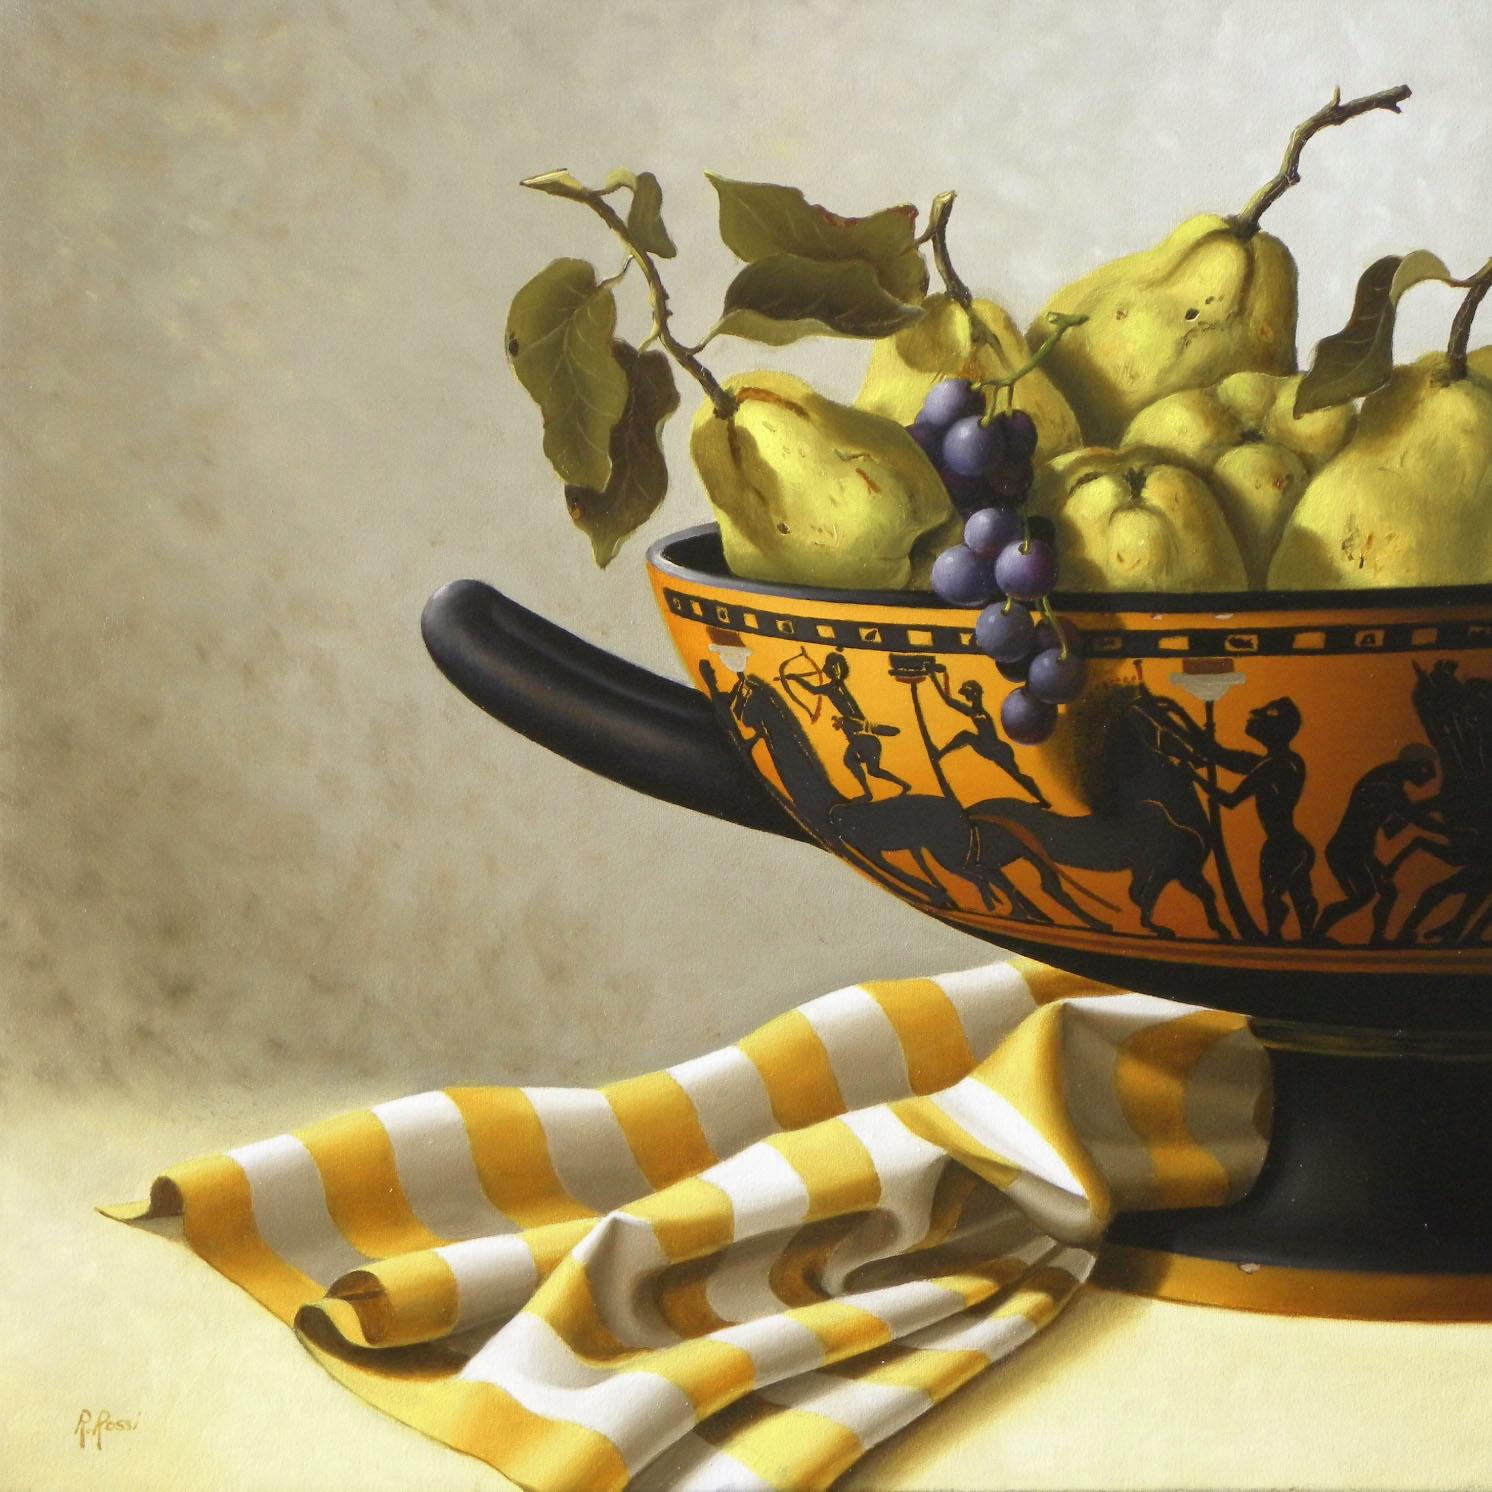 2010 roberta rossi - composizione con kylix e mele cotogne - olio su tela - 40 x 40